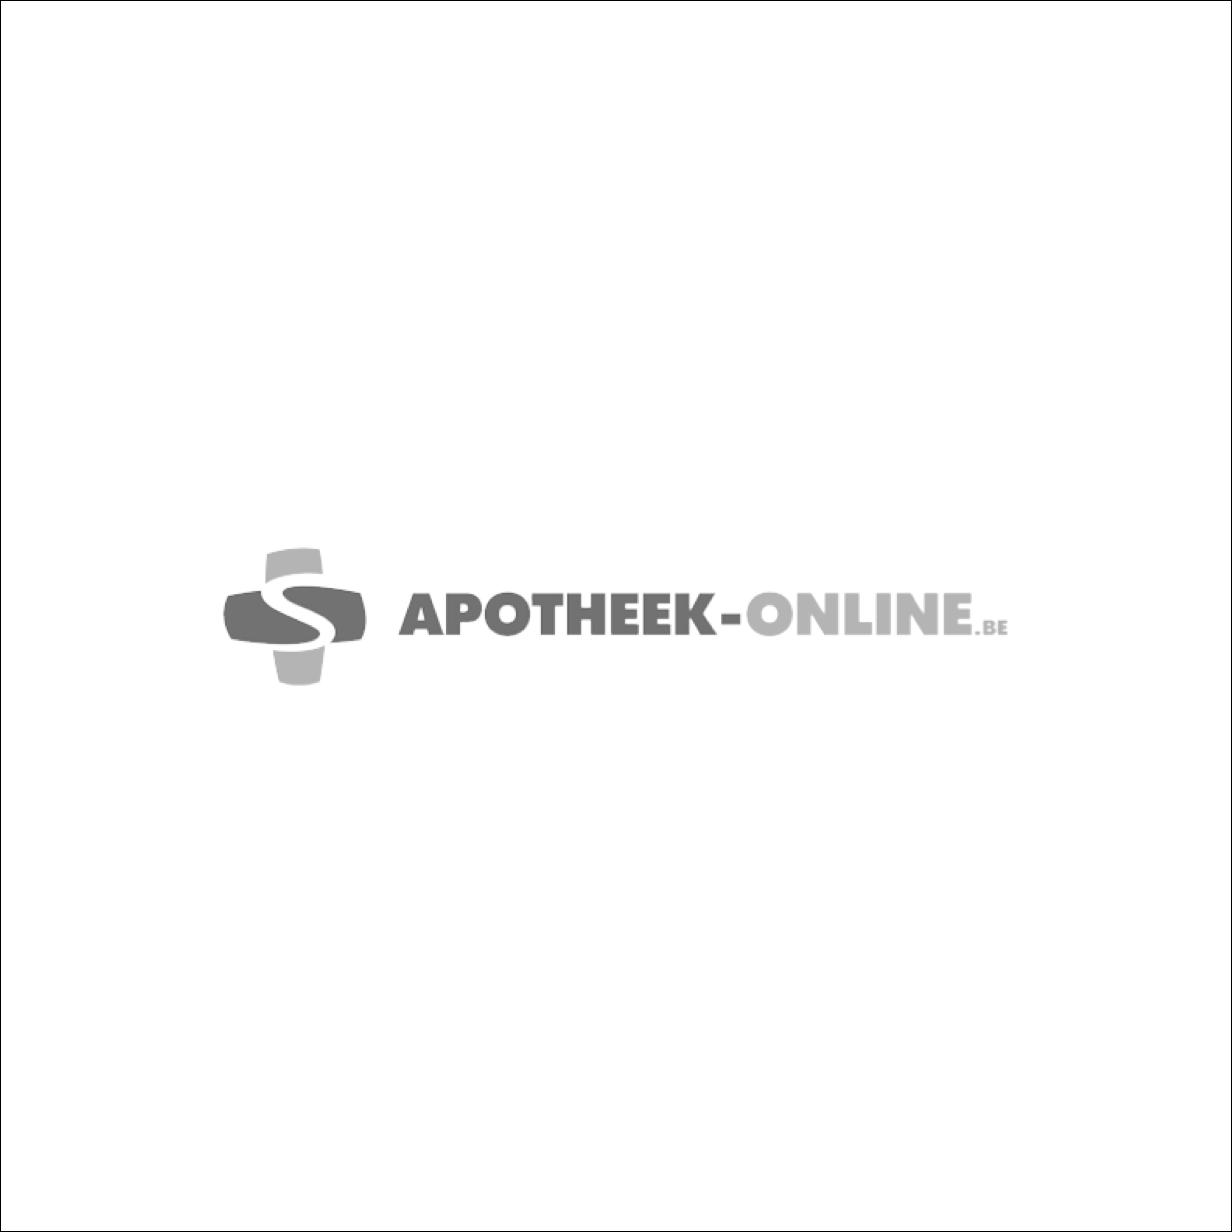 PHARMEX BROEK INCONT -DRUKKNOP 50-56